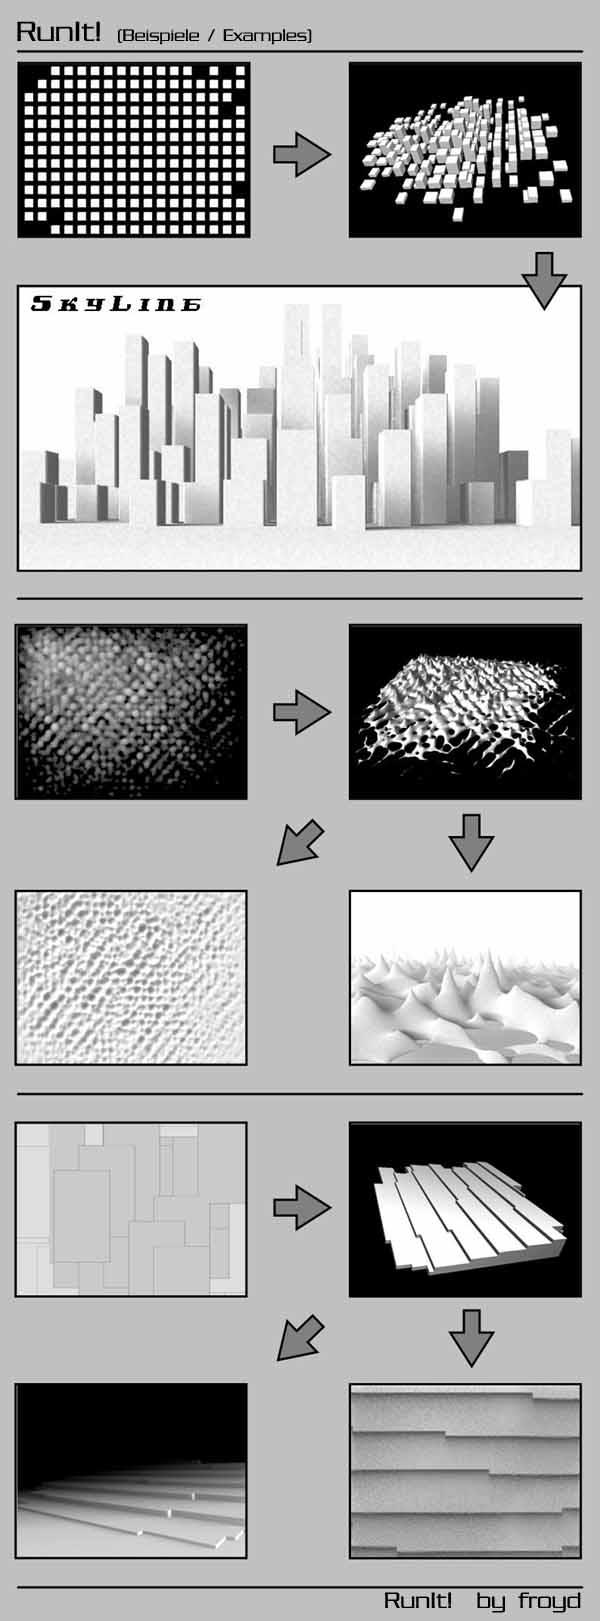 user_img-8iozFekEYa_examples.jpg